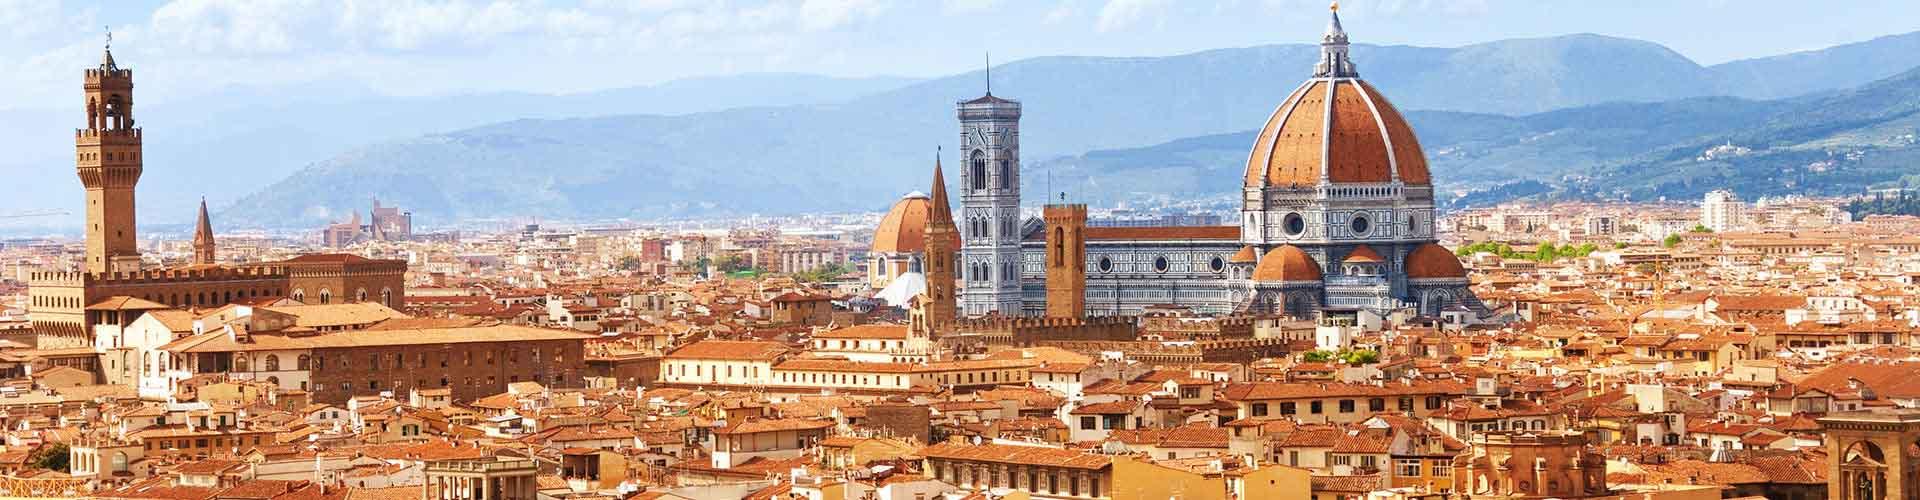 피렌체 - Leon Rosso 지구의 호스텔. 피렌체의 지도, 피렌체에 위치한 호스텔 사진 및 후기 정보.